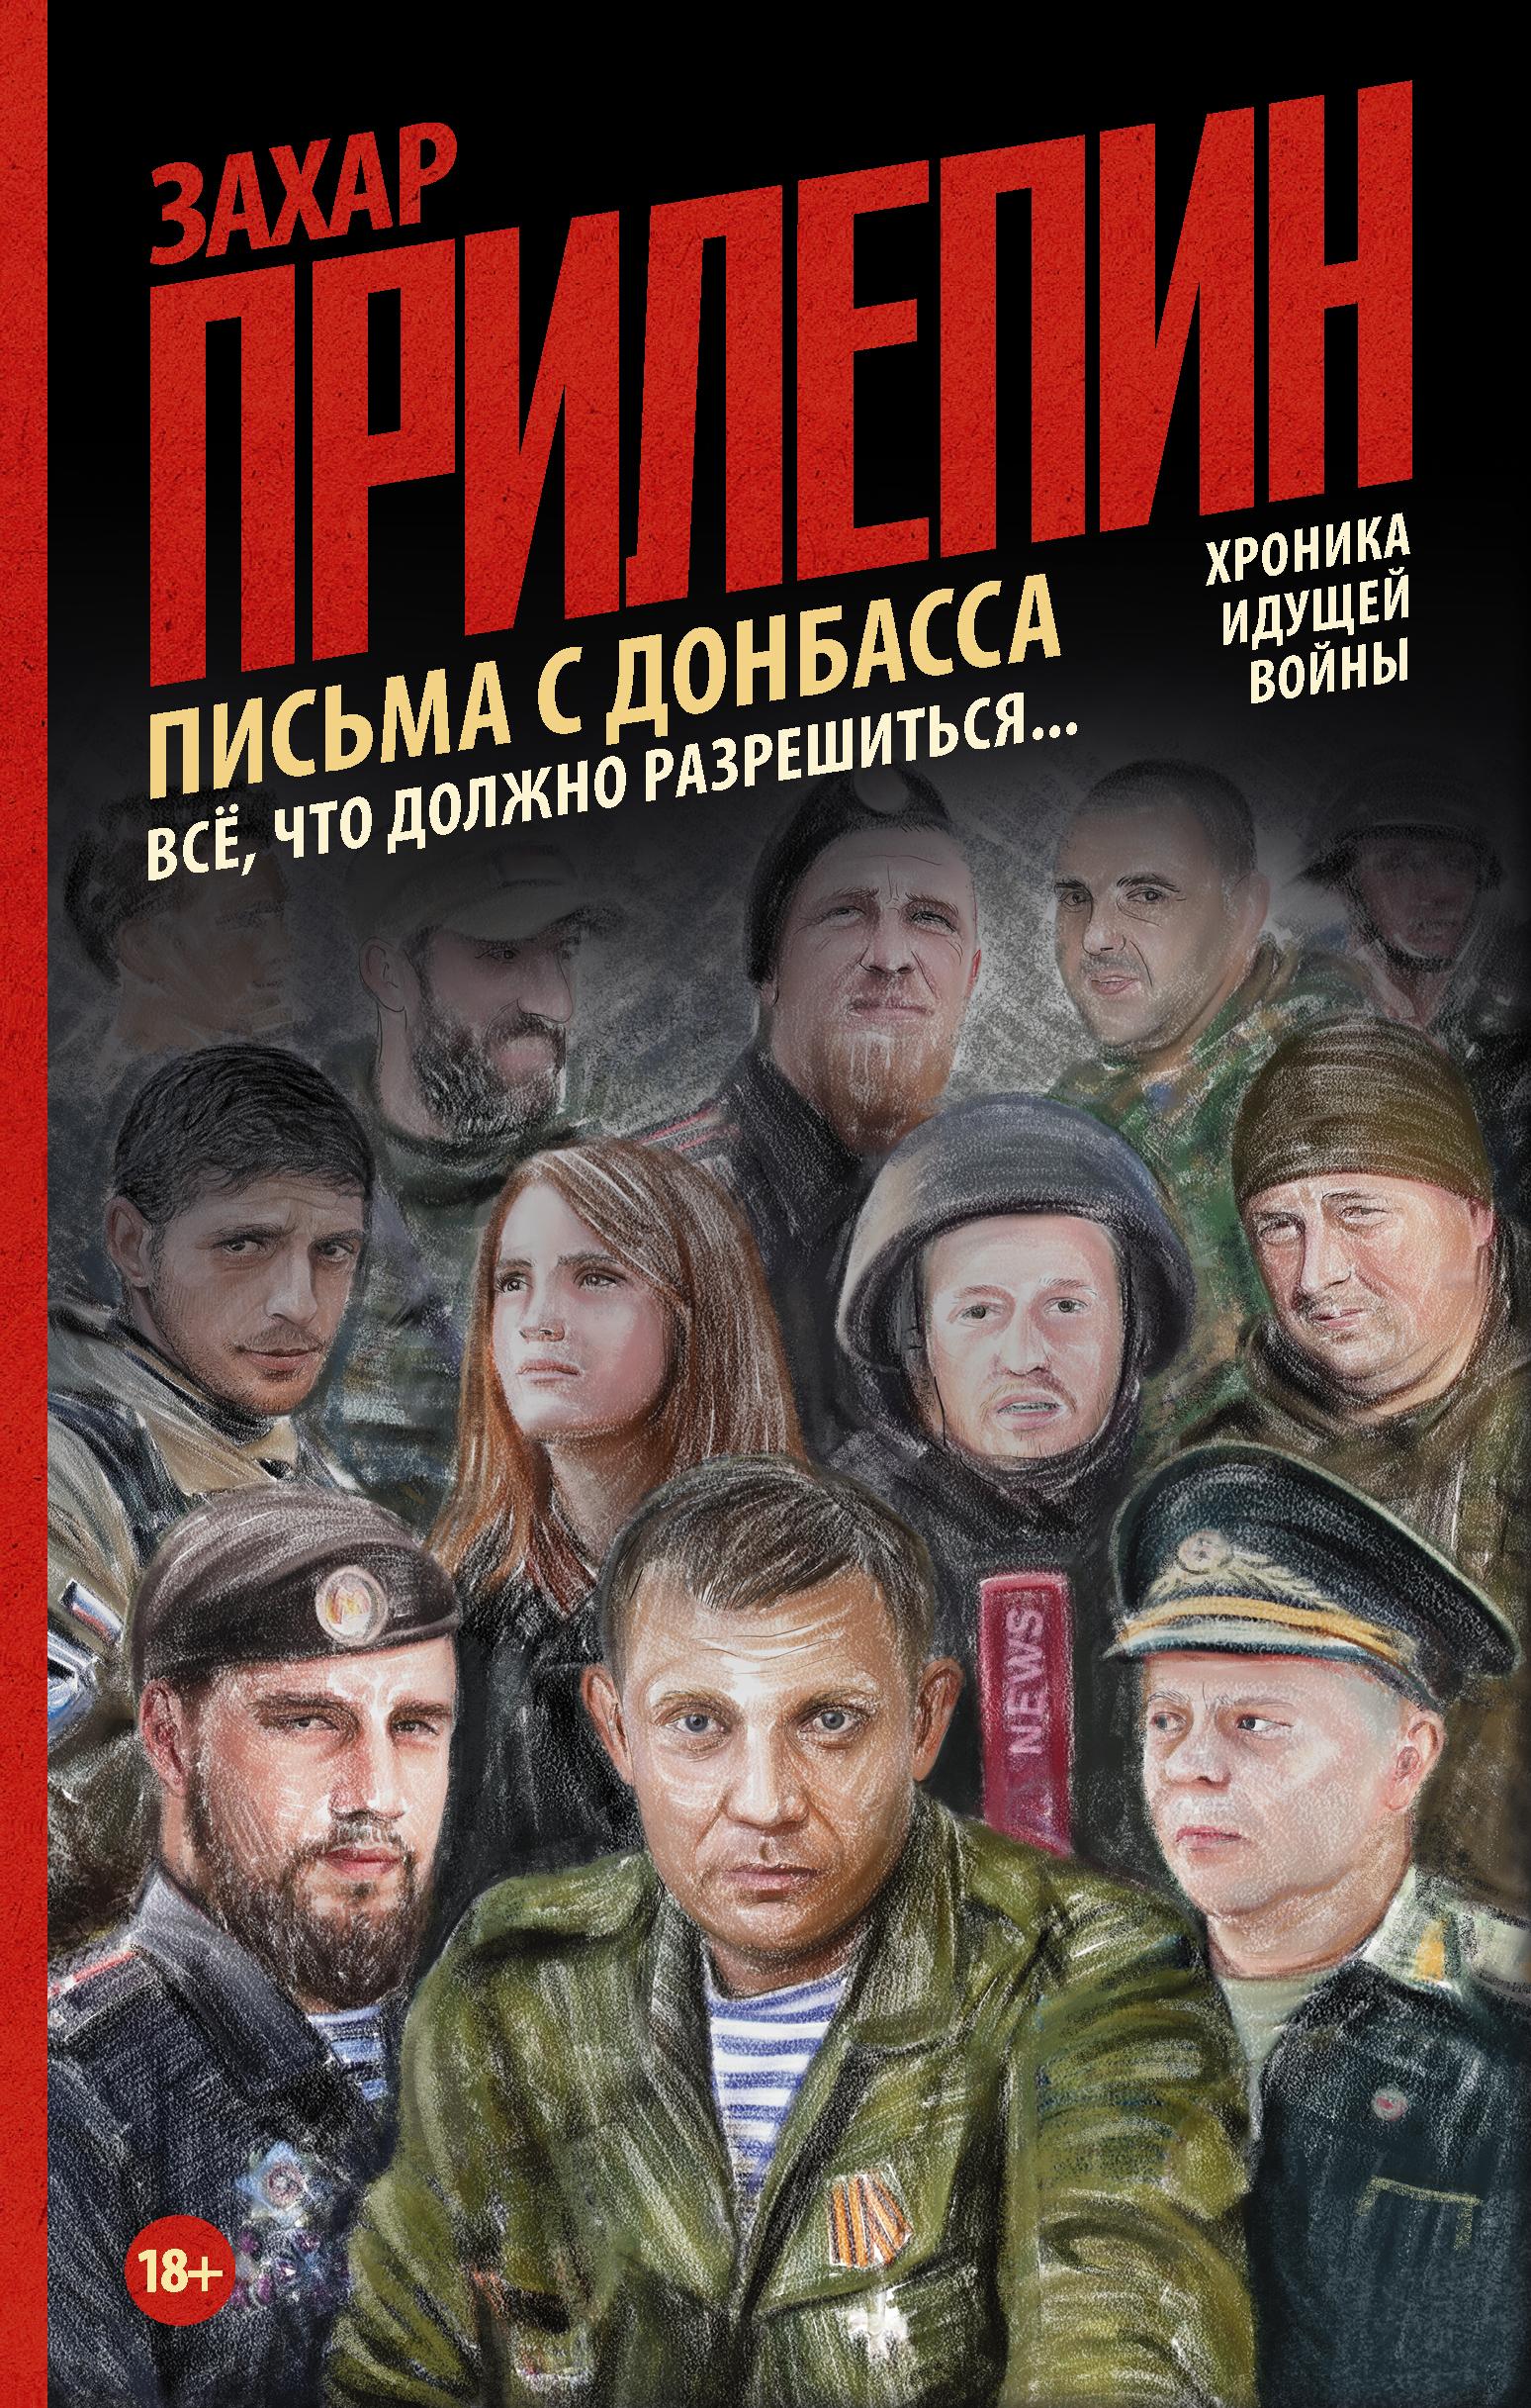 Письма с Донбасса. Всё, что должно разрешиться... ( Прилепин Захар  )